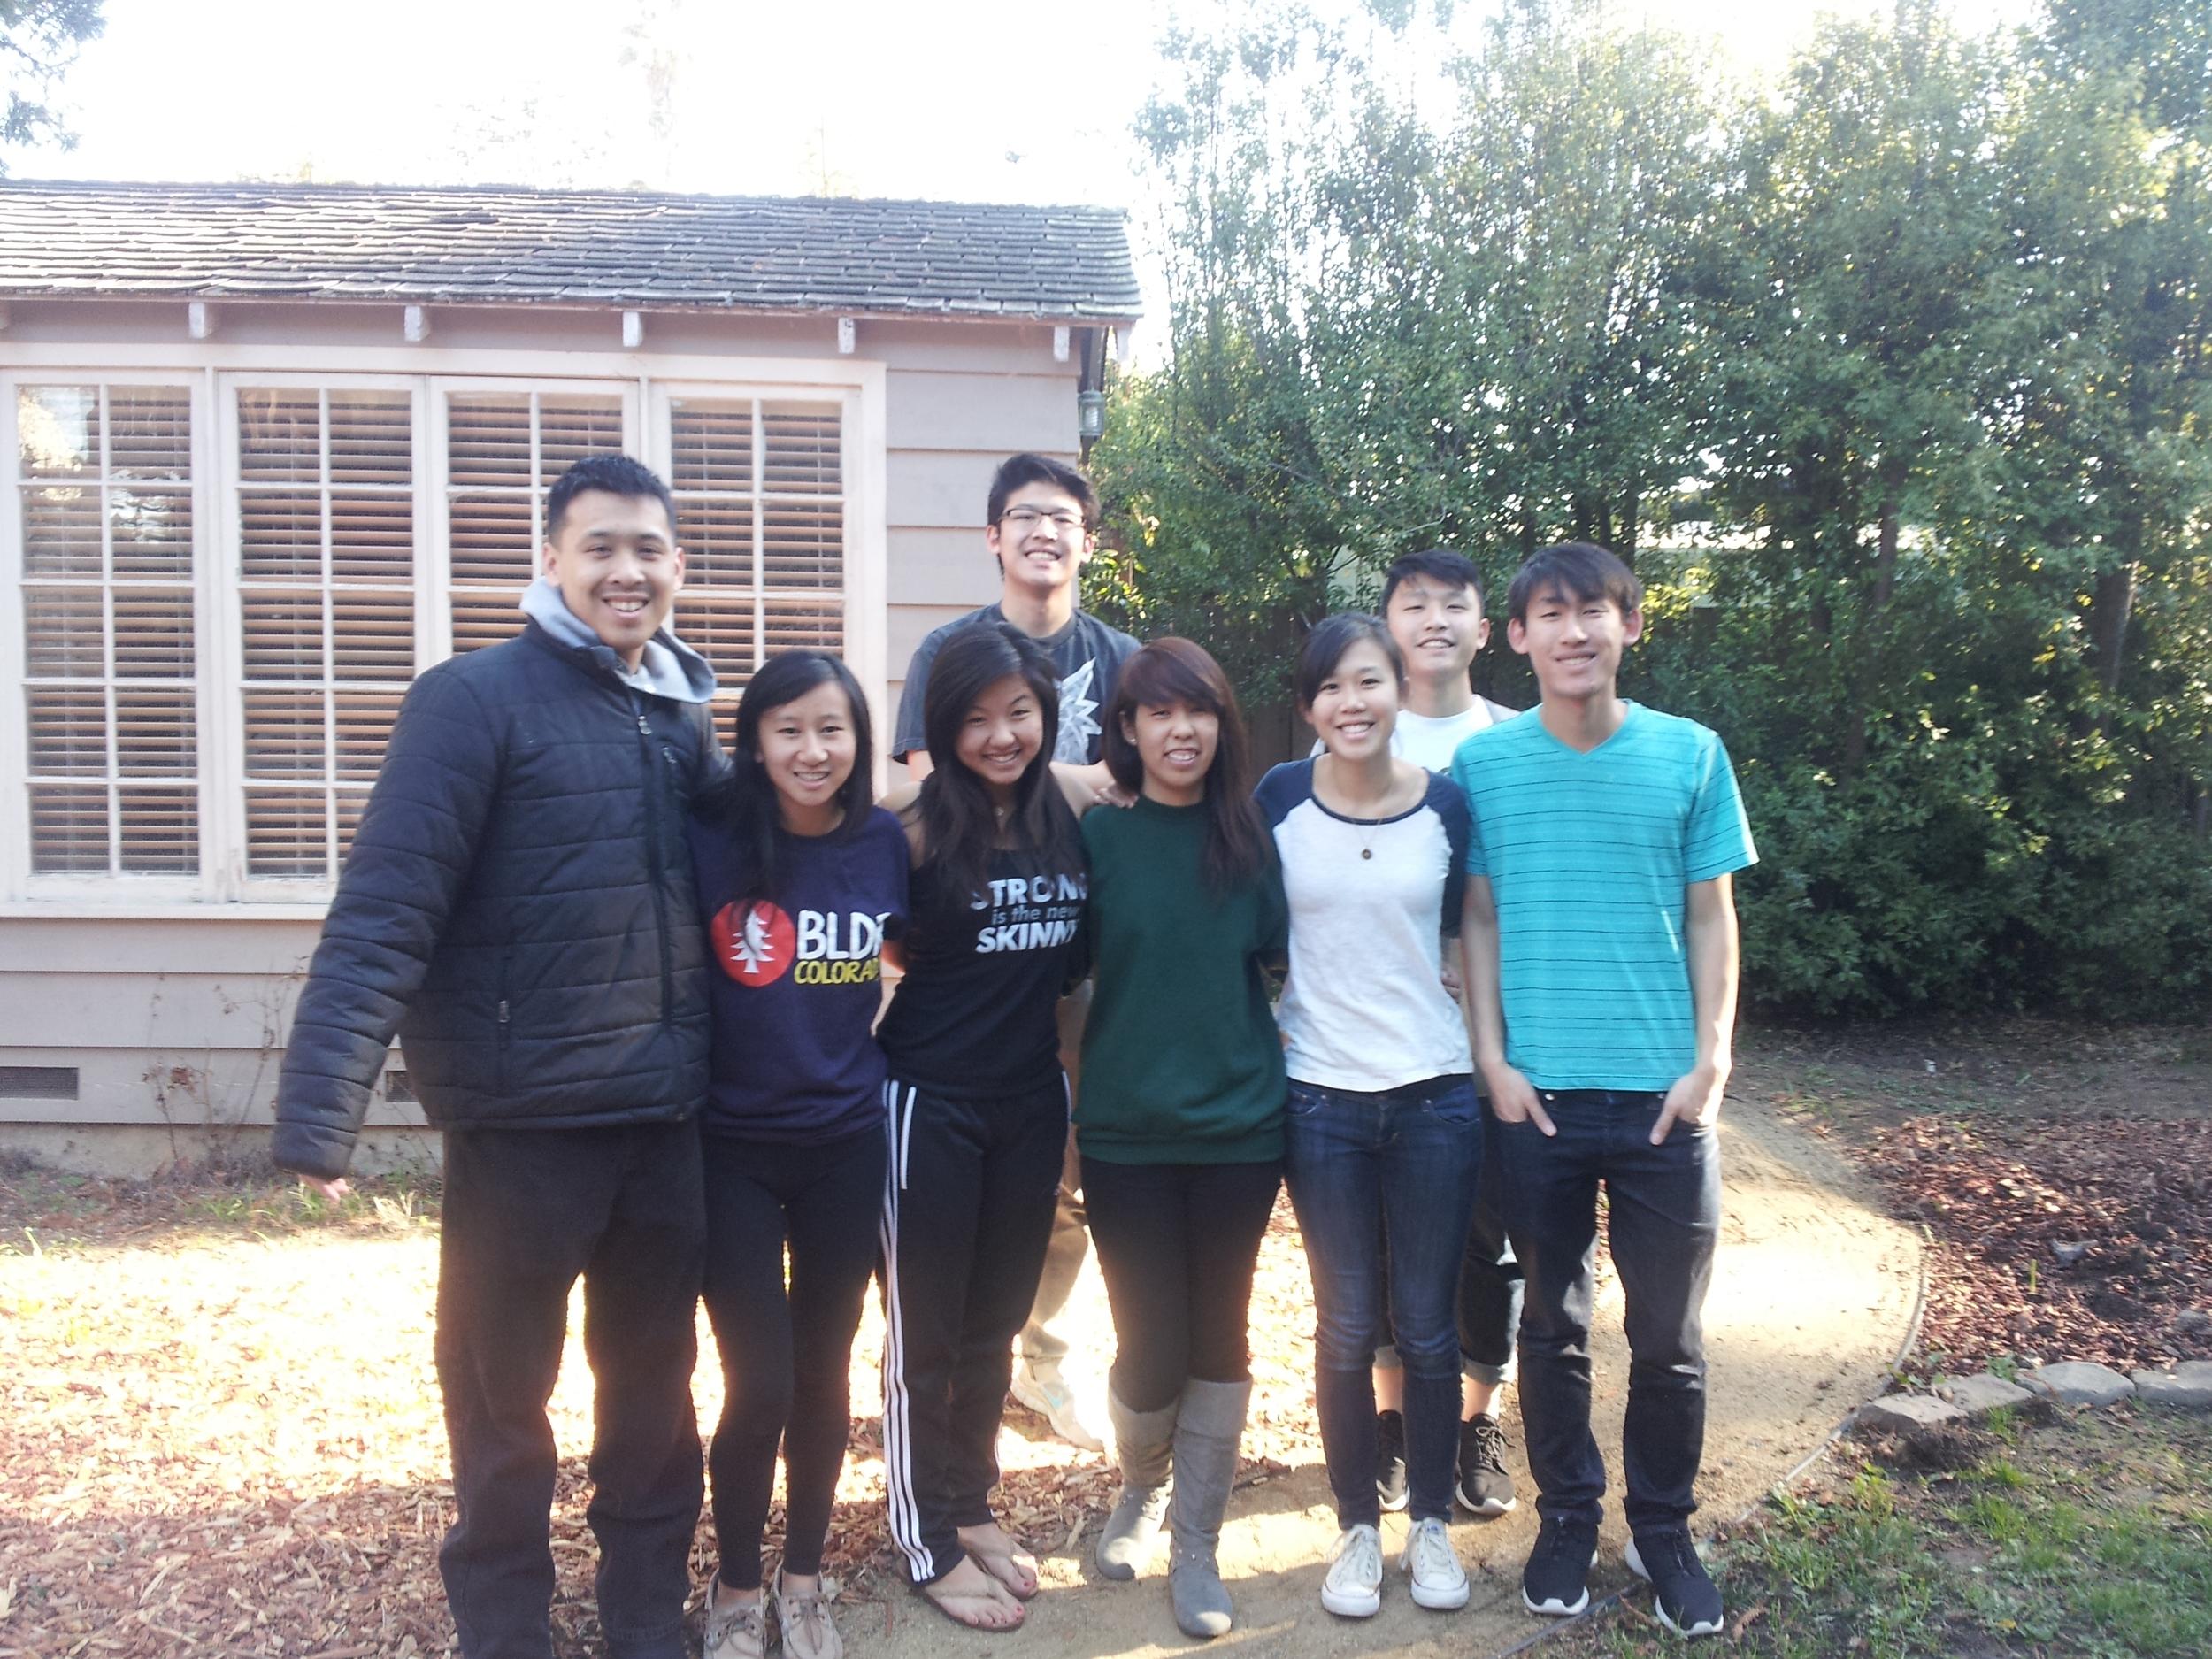 College/YA retreat